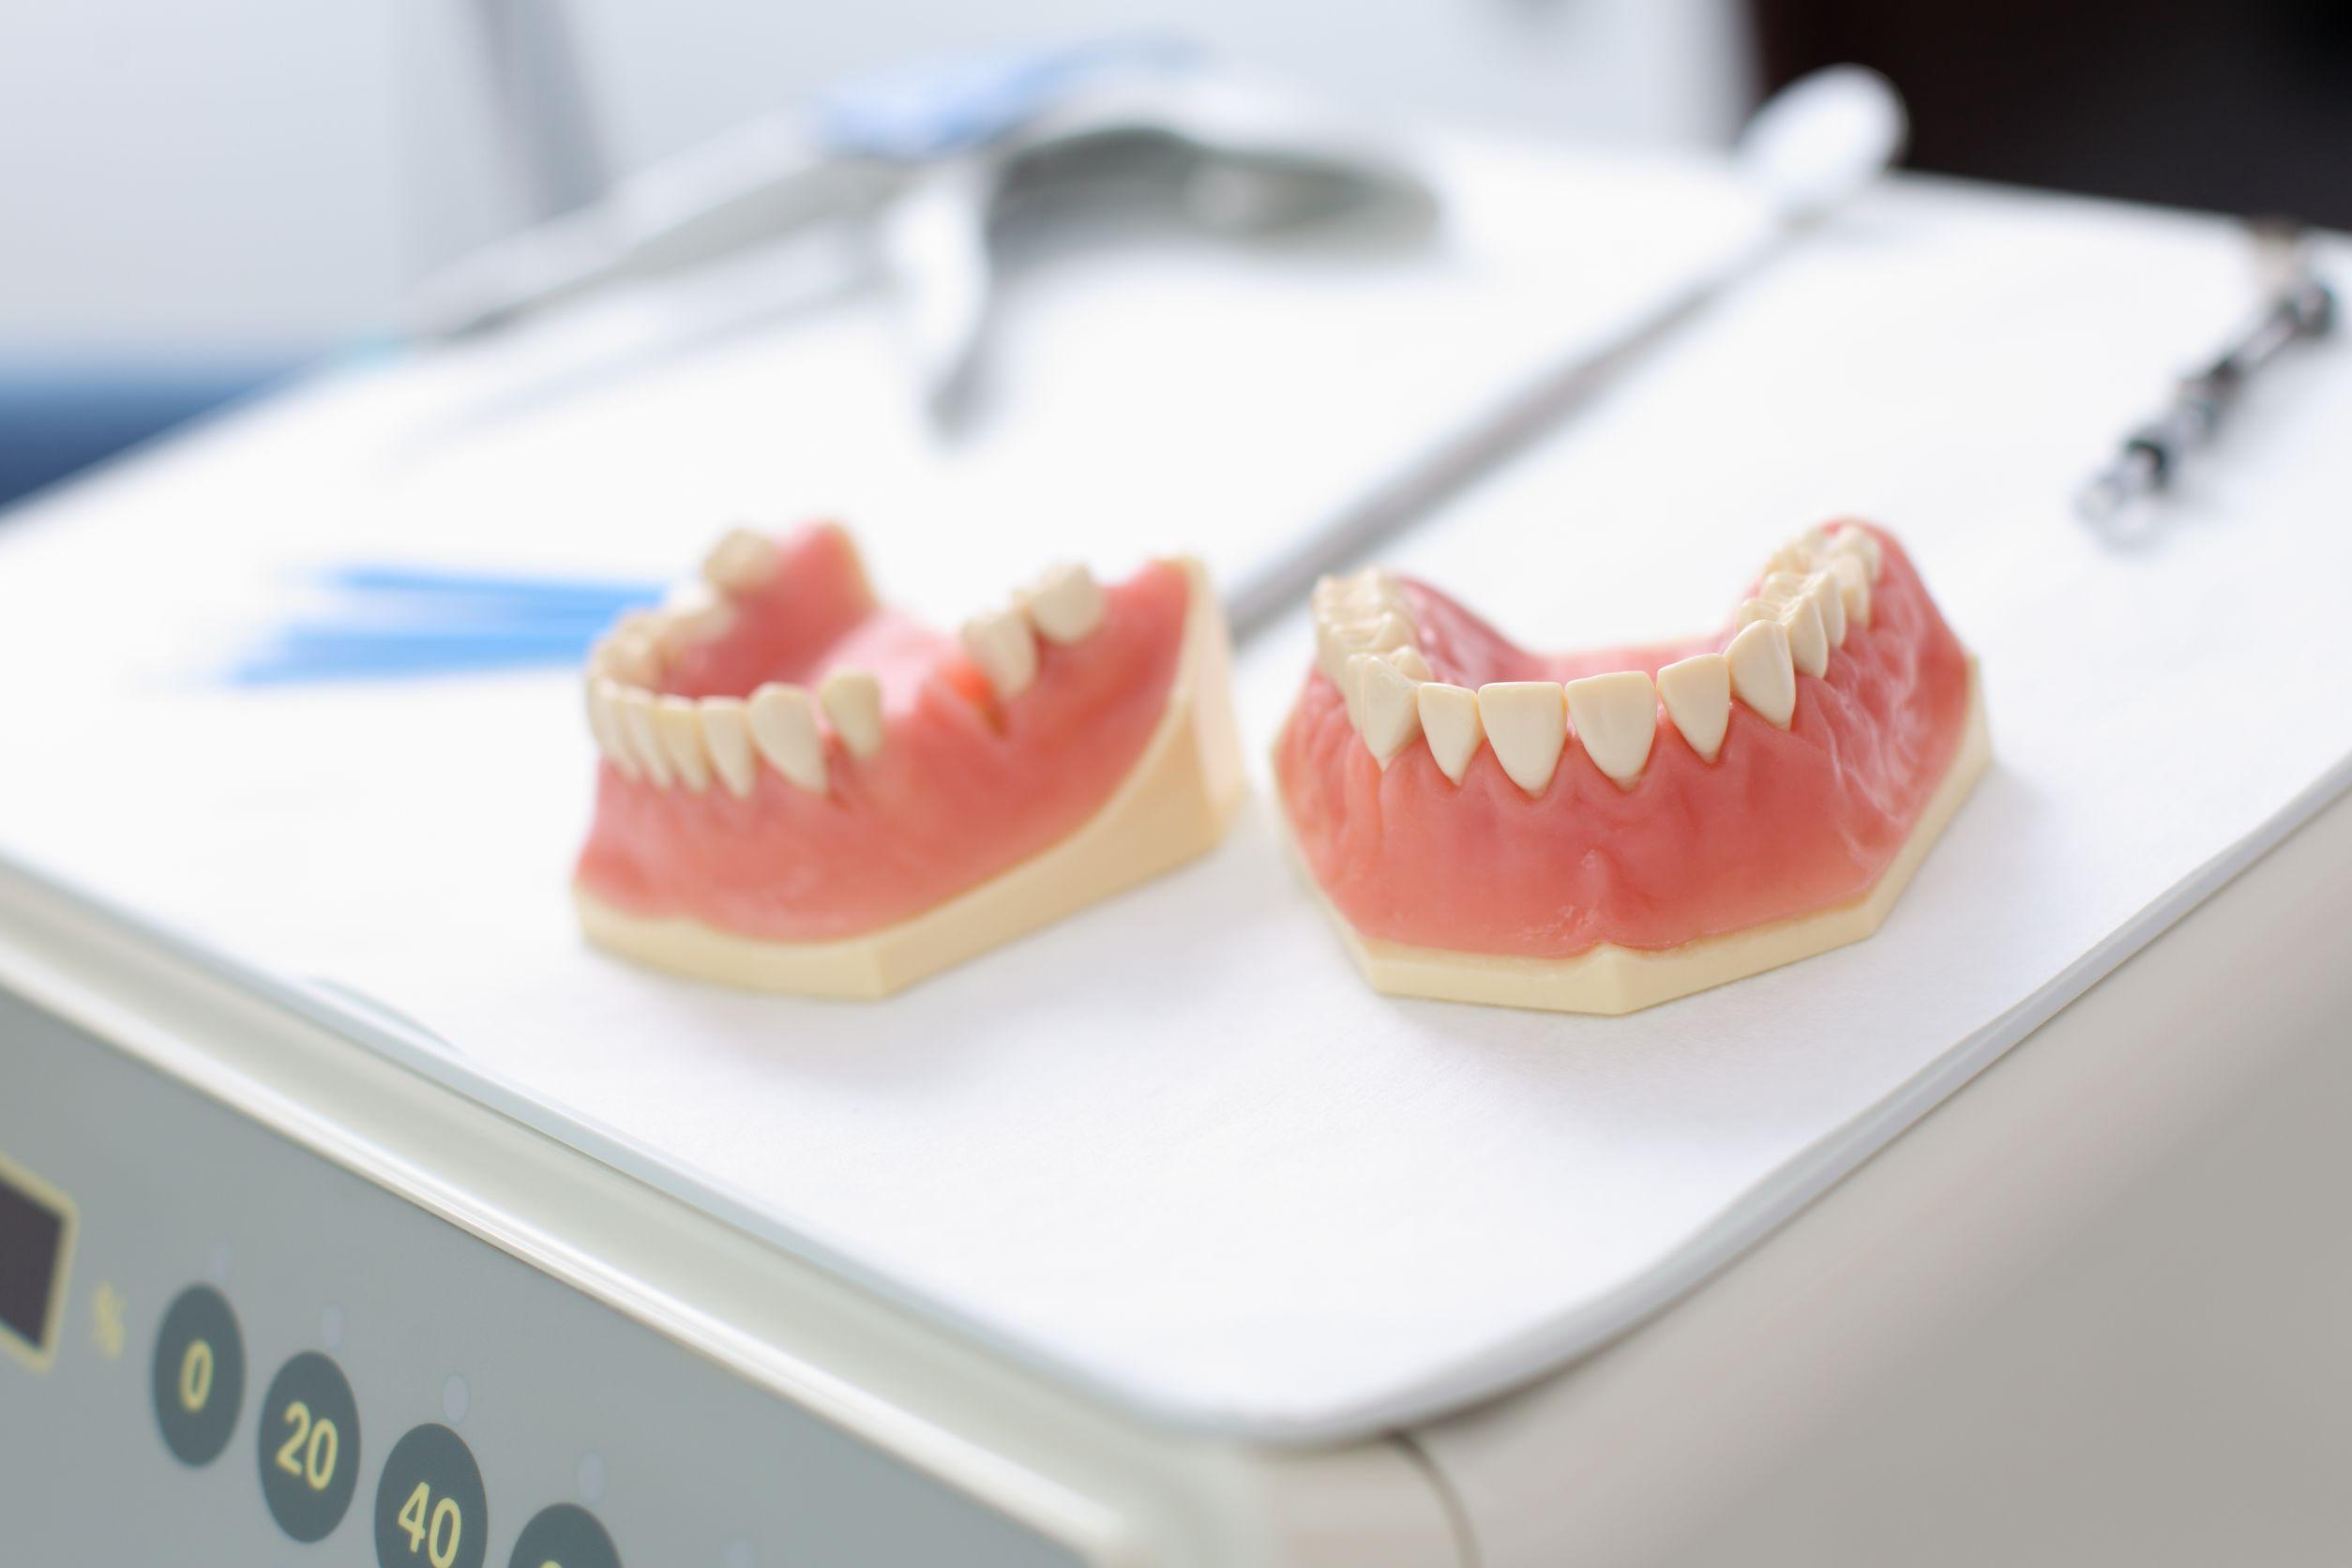 cuanto sale un implante dental en uruguay